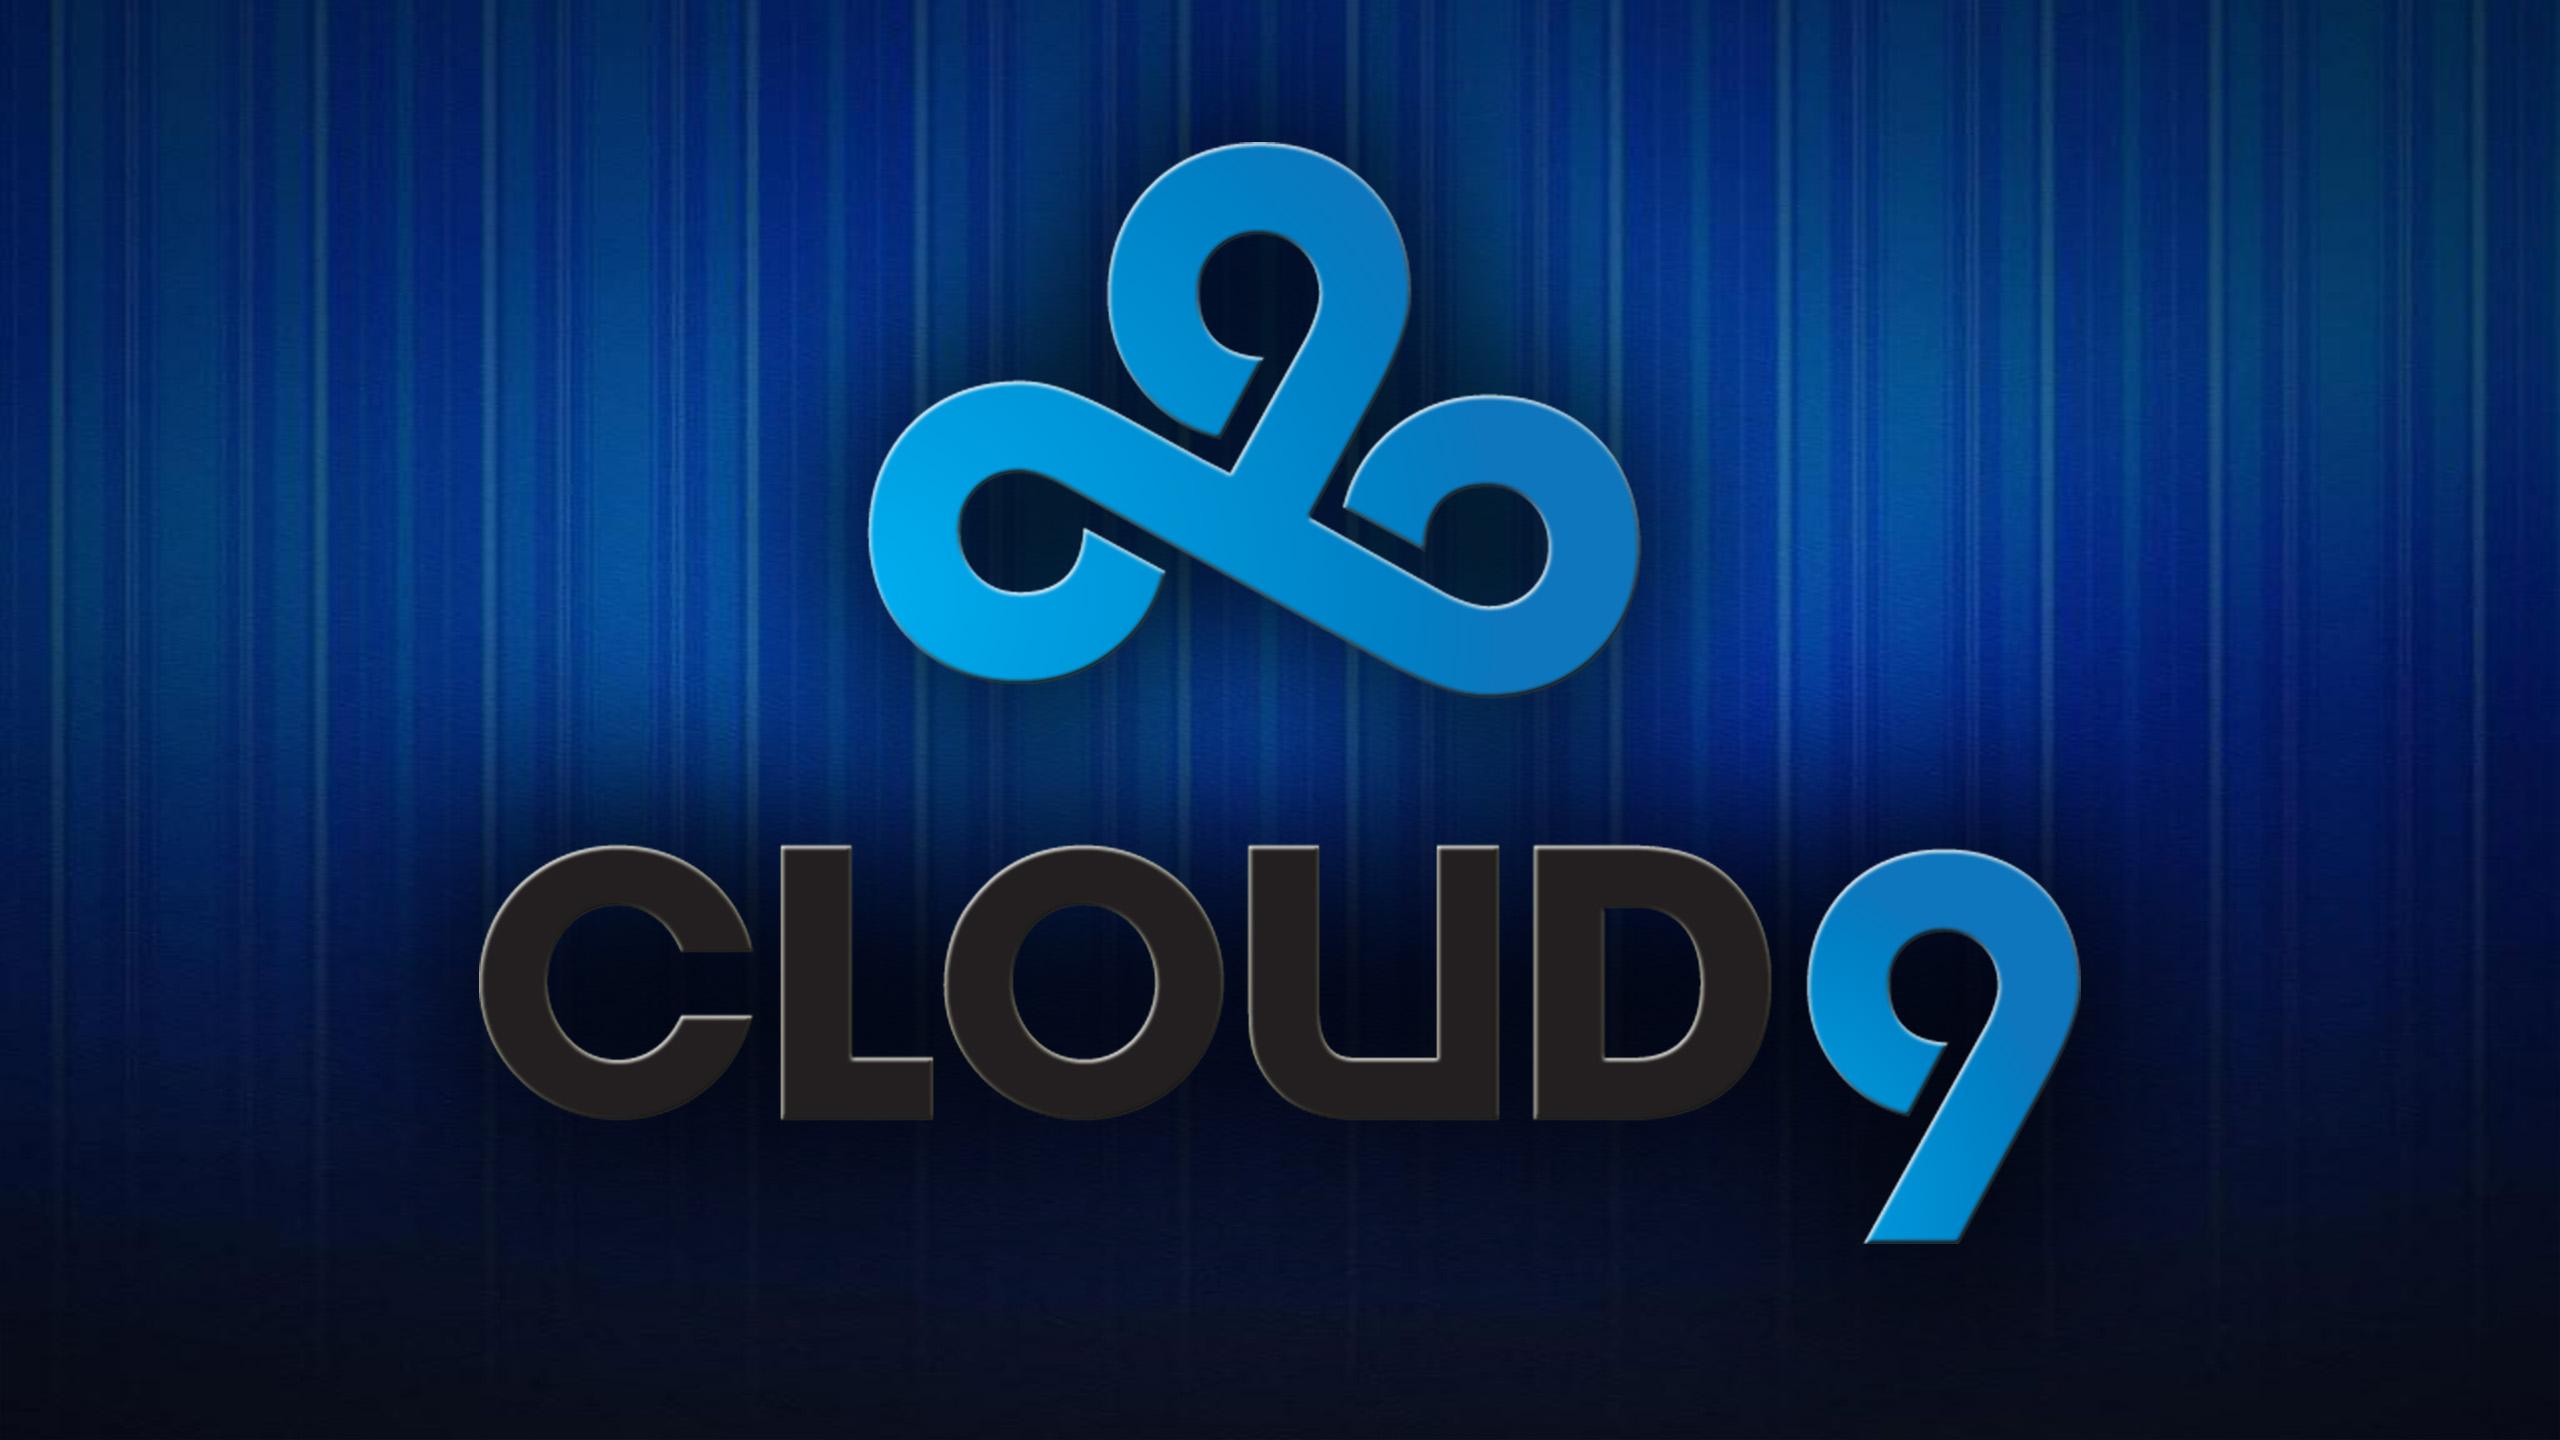 Cloud 9 Wallpaper - WallpaperSafari